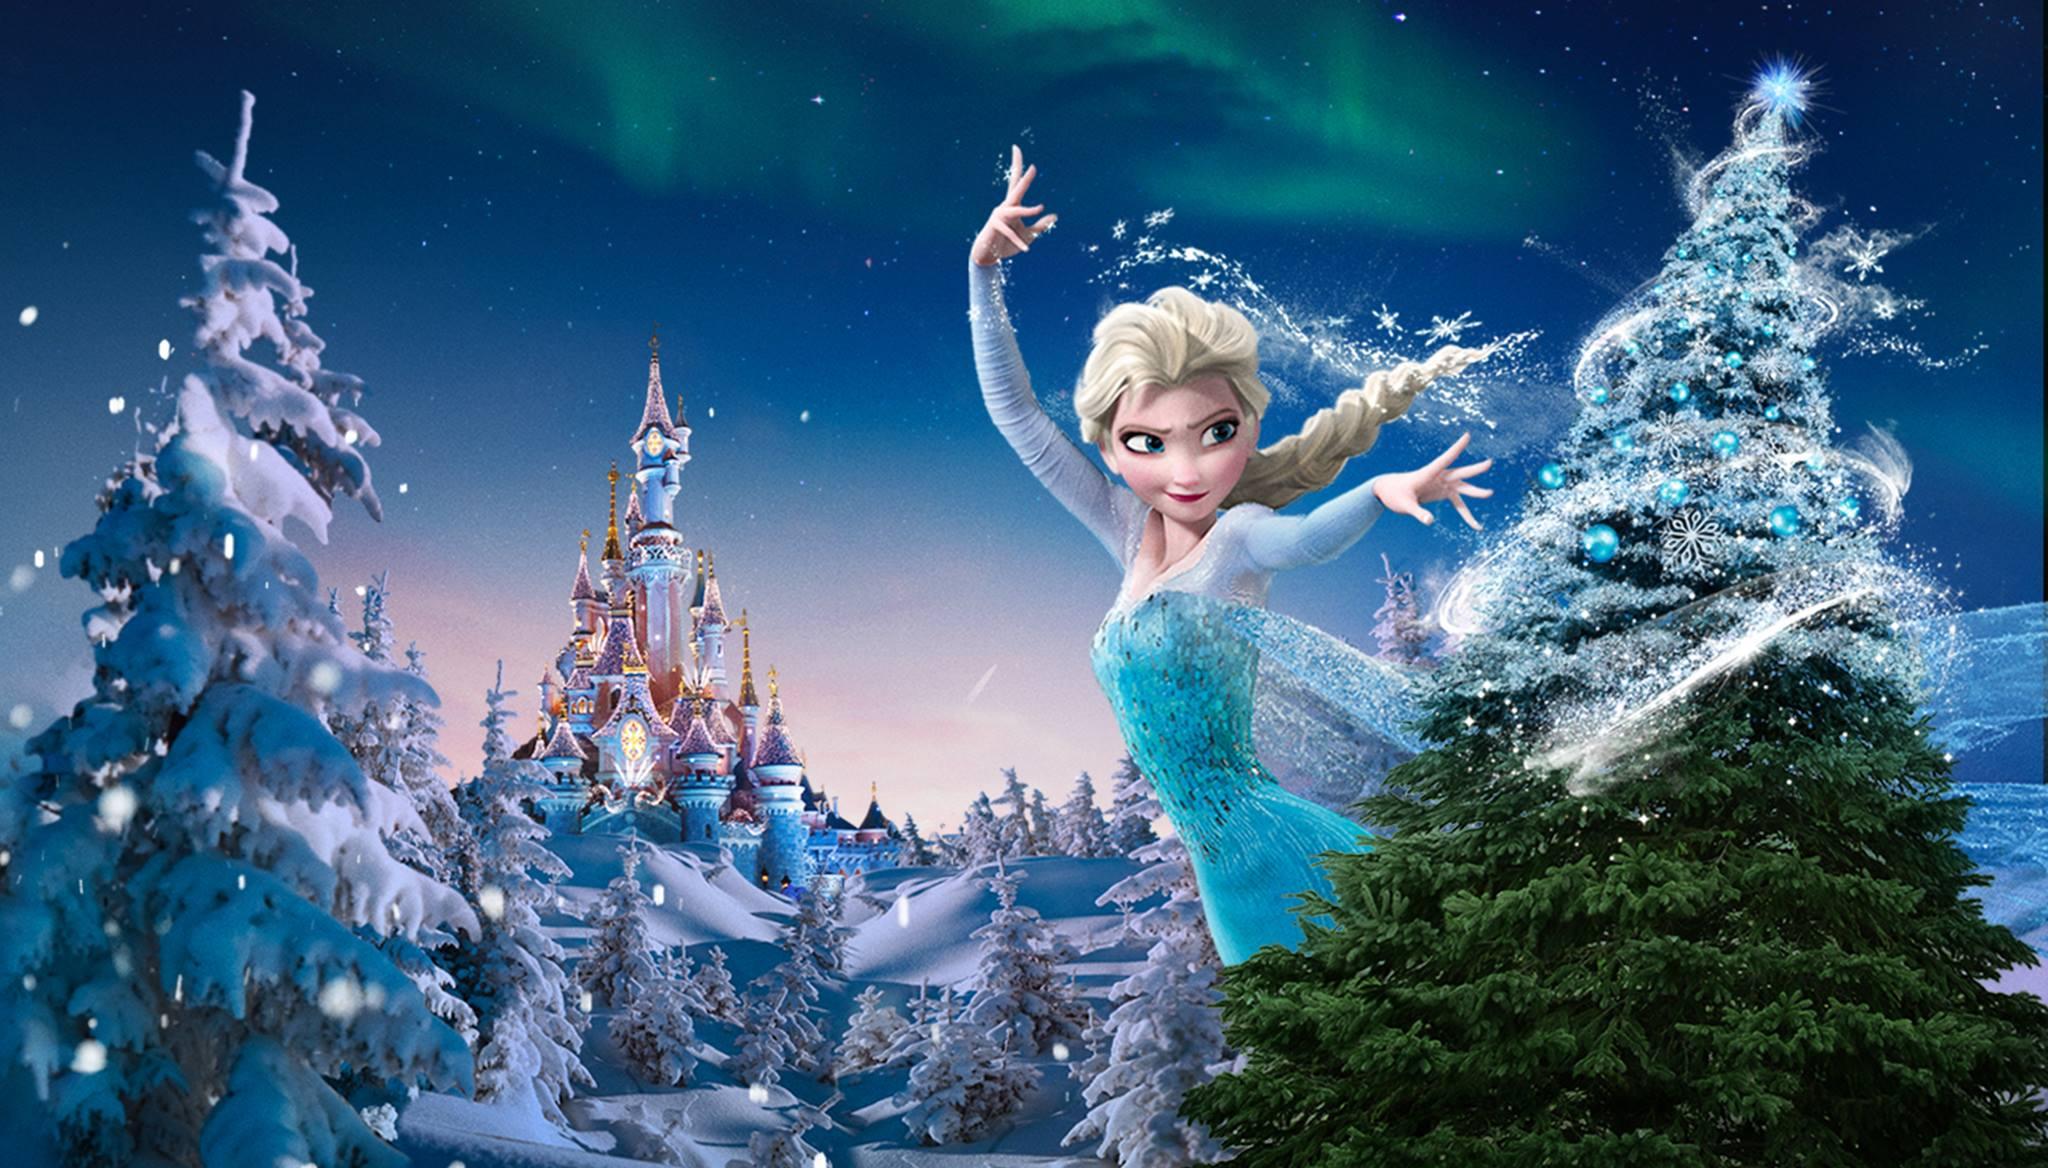 #0B426C Hello Disneyland : Le Blog N°1 Sur Disneyland Paris  6015 decoration de noel reine des neiges 2048x1168 px @ aertt.com